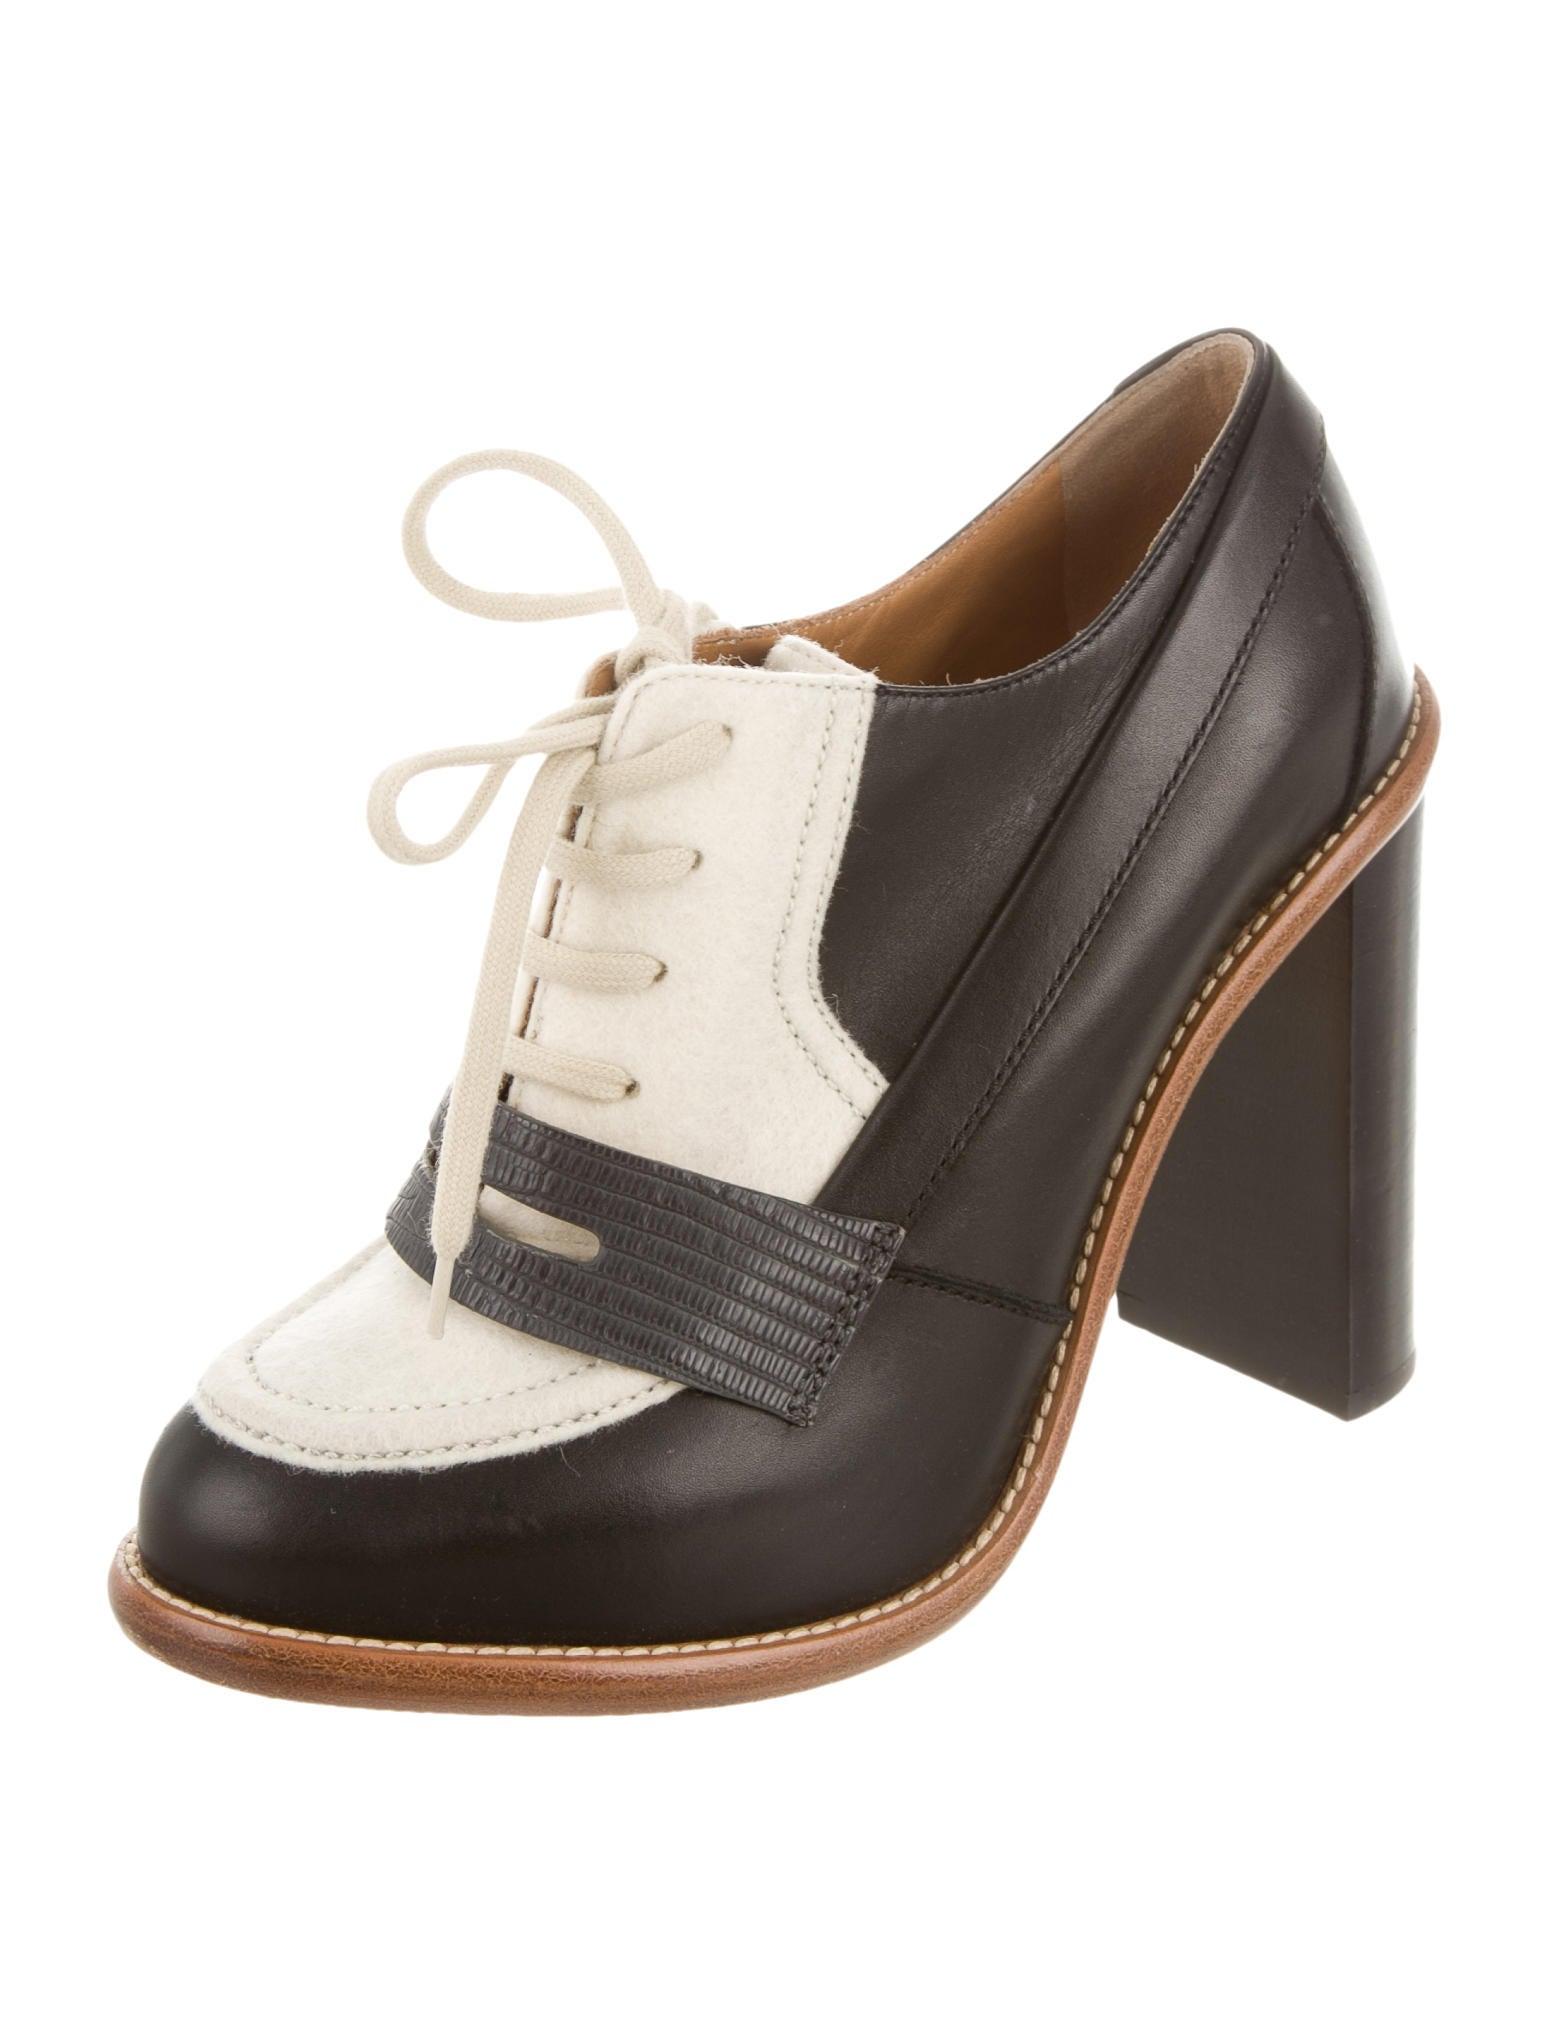 Oxford Pumps Shoes 28 Images Burch Oxford Pumps Shoes